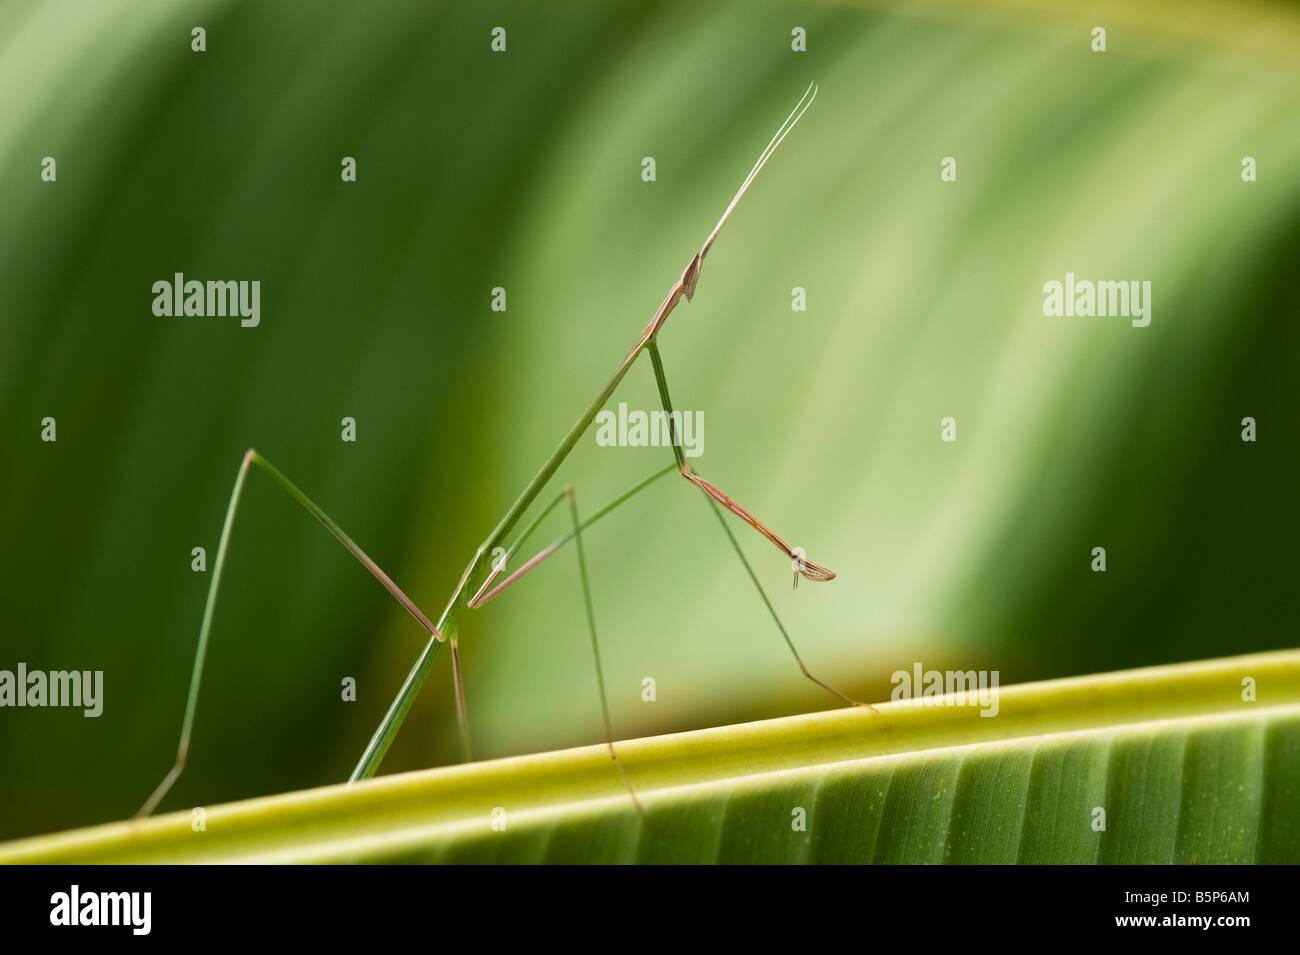 Schizocephala Bicornis. Indische Grass Mantis auf Bananenblatt in Indien Stockbild